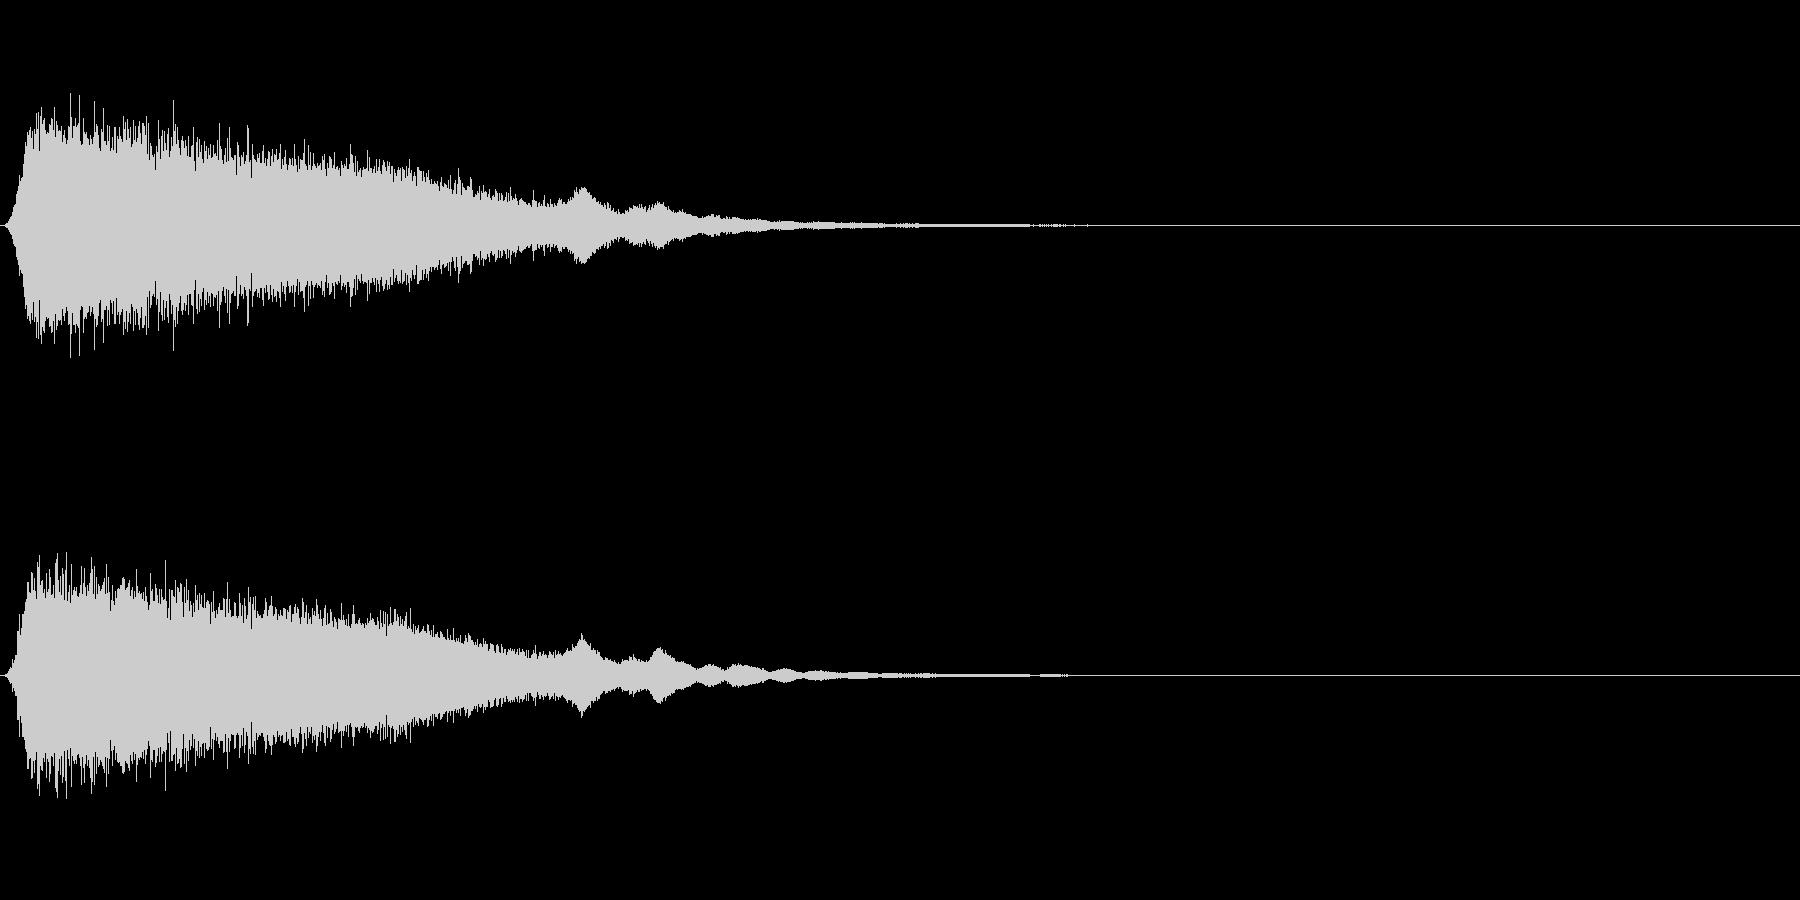 シューンと流れ星のような音の未再生の波形